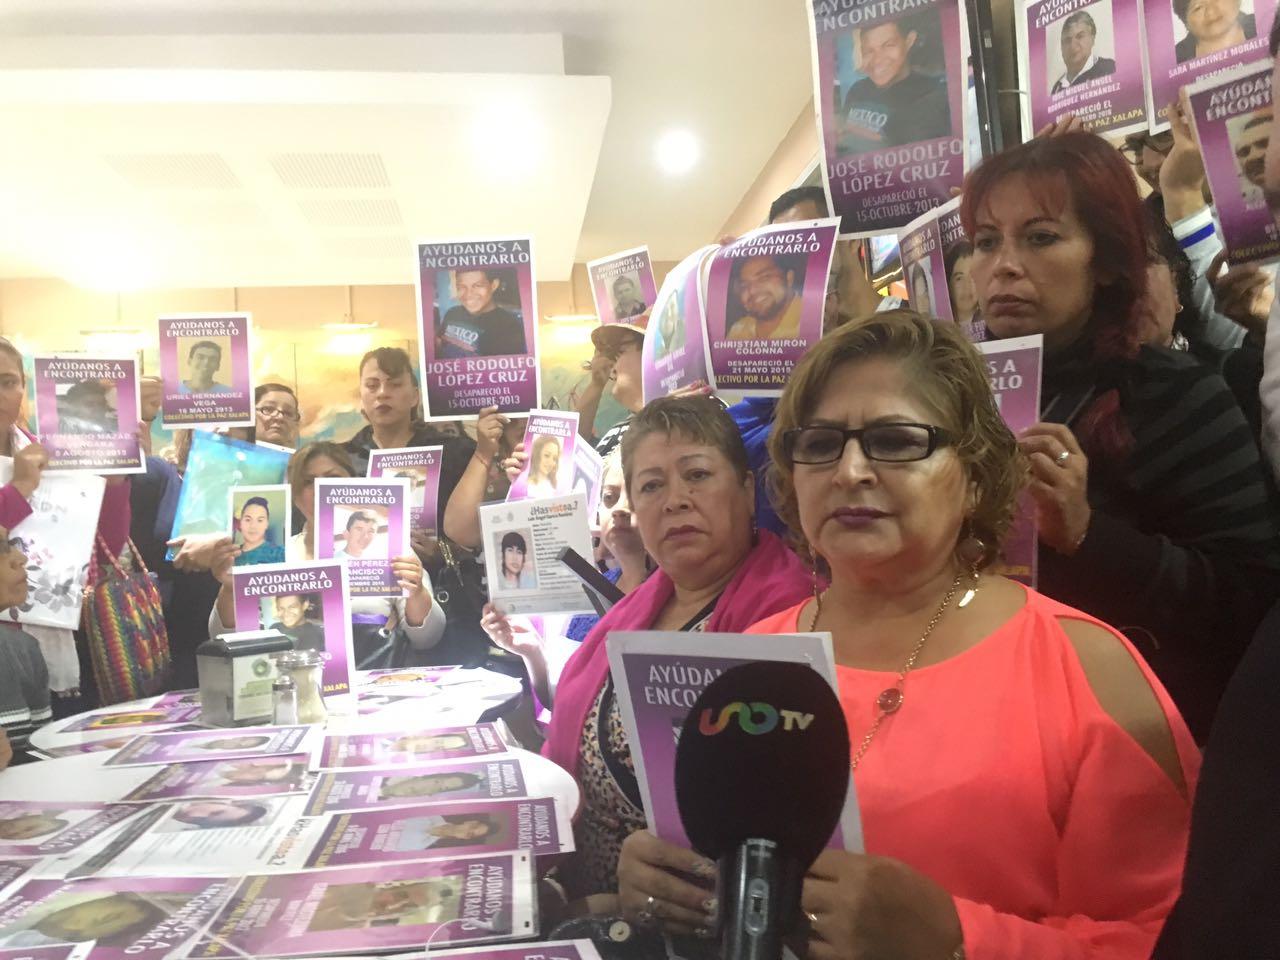 Colectivos denunciarán a Duarte y Bermúdez por crímenes de lesa humanidad